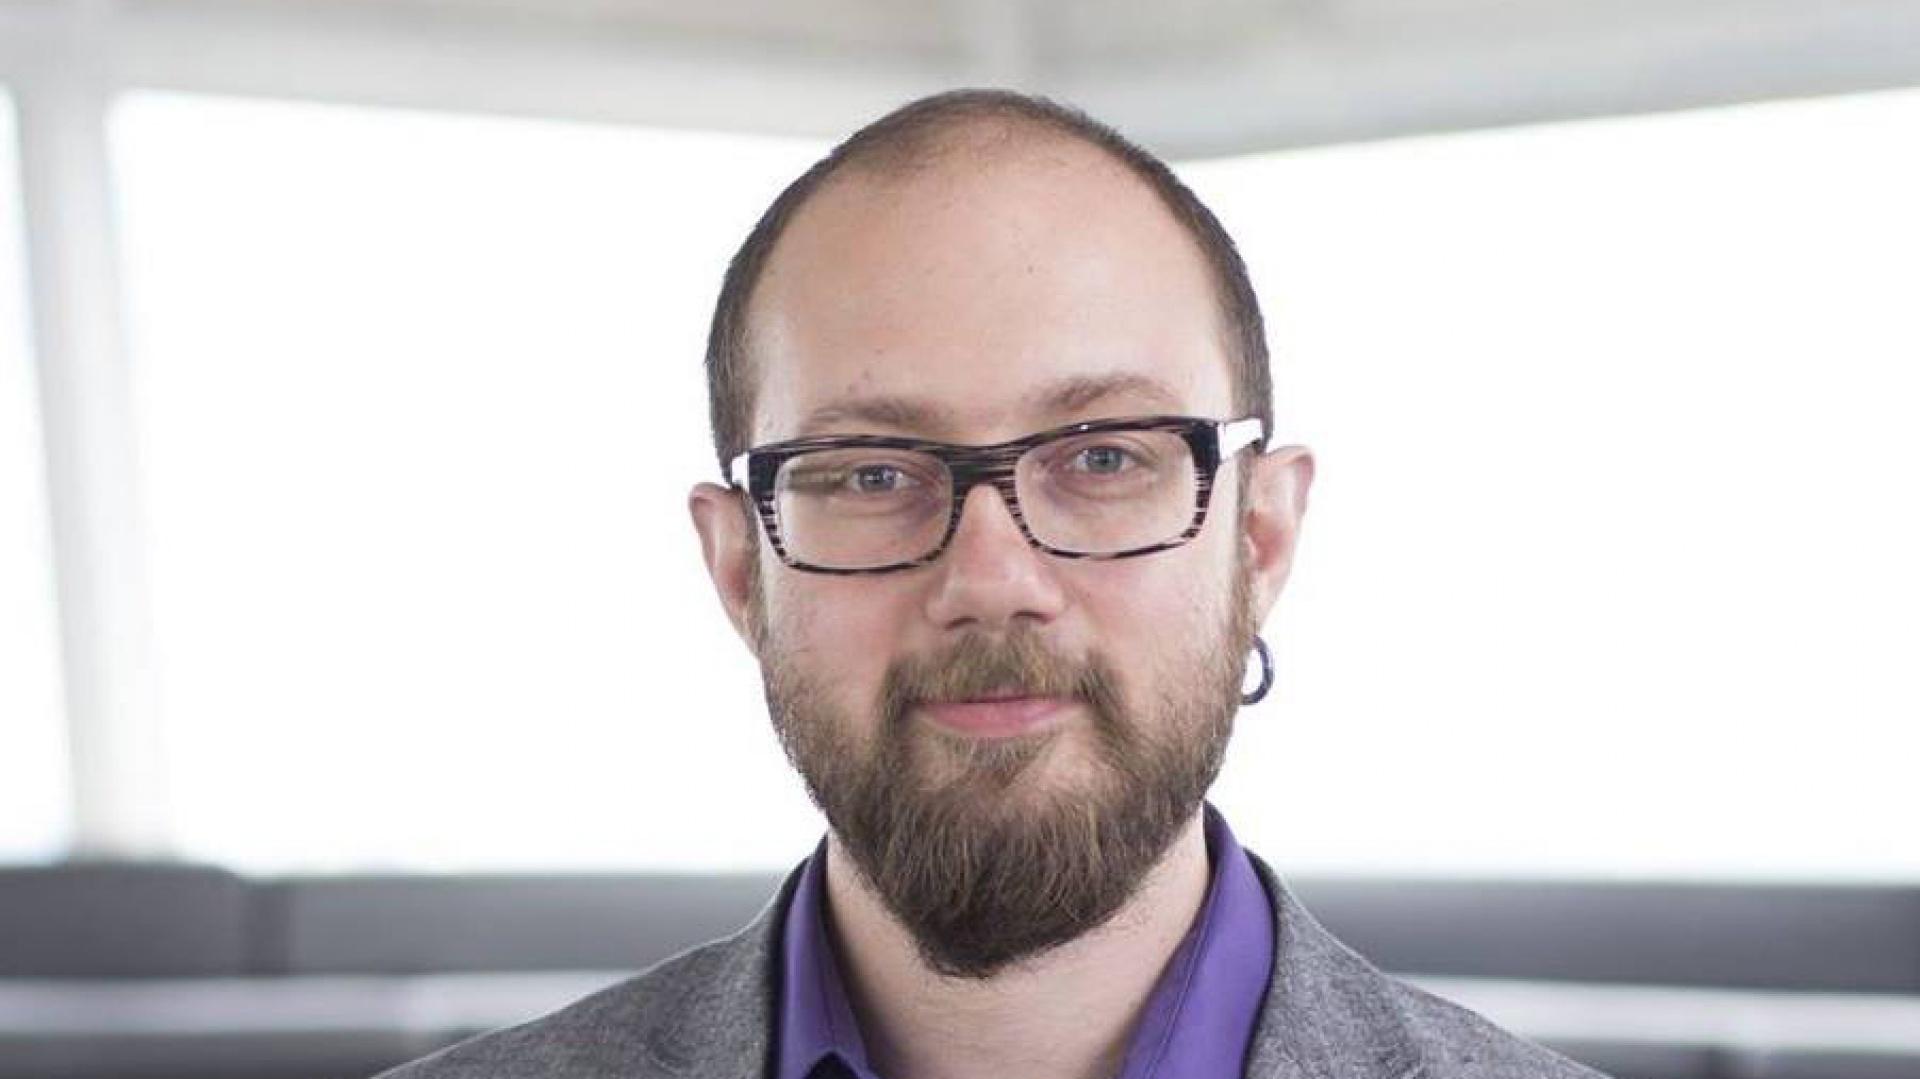 """Maciej Turski, ekspert ds. inteligentnych domów i nowoczesnych technologii w budownictwie, autor książki """"10 mitów inteligentnych domów"""". Fot. Archiwum"""